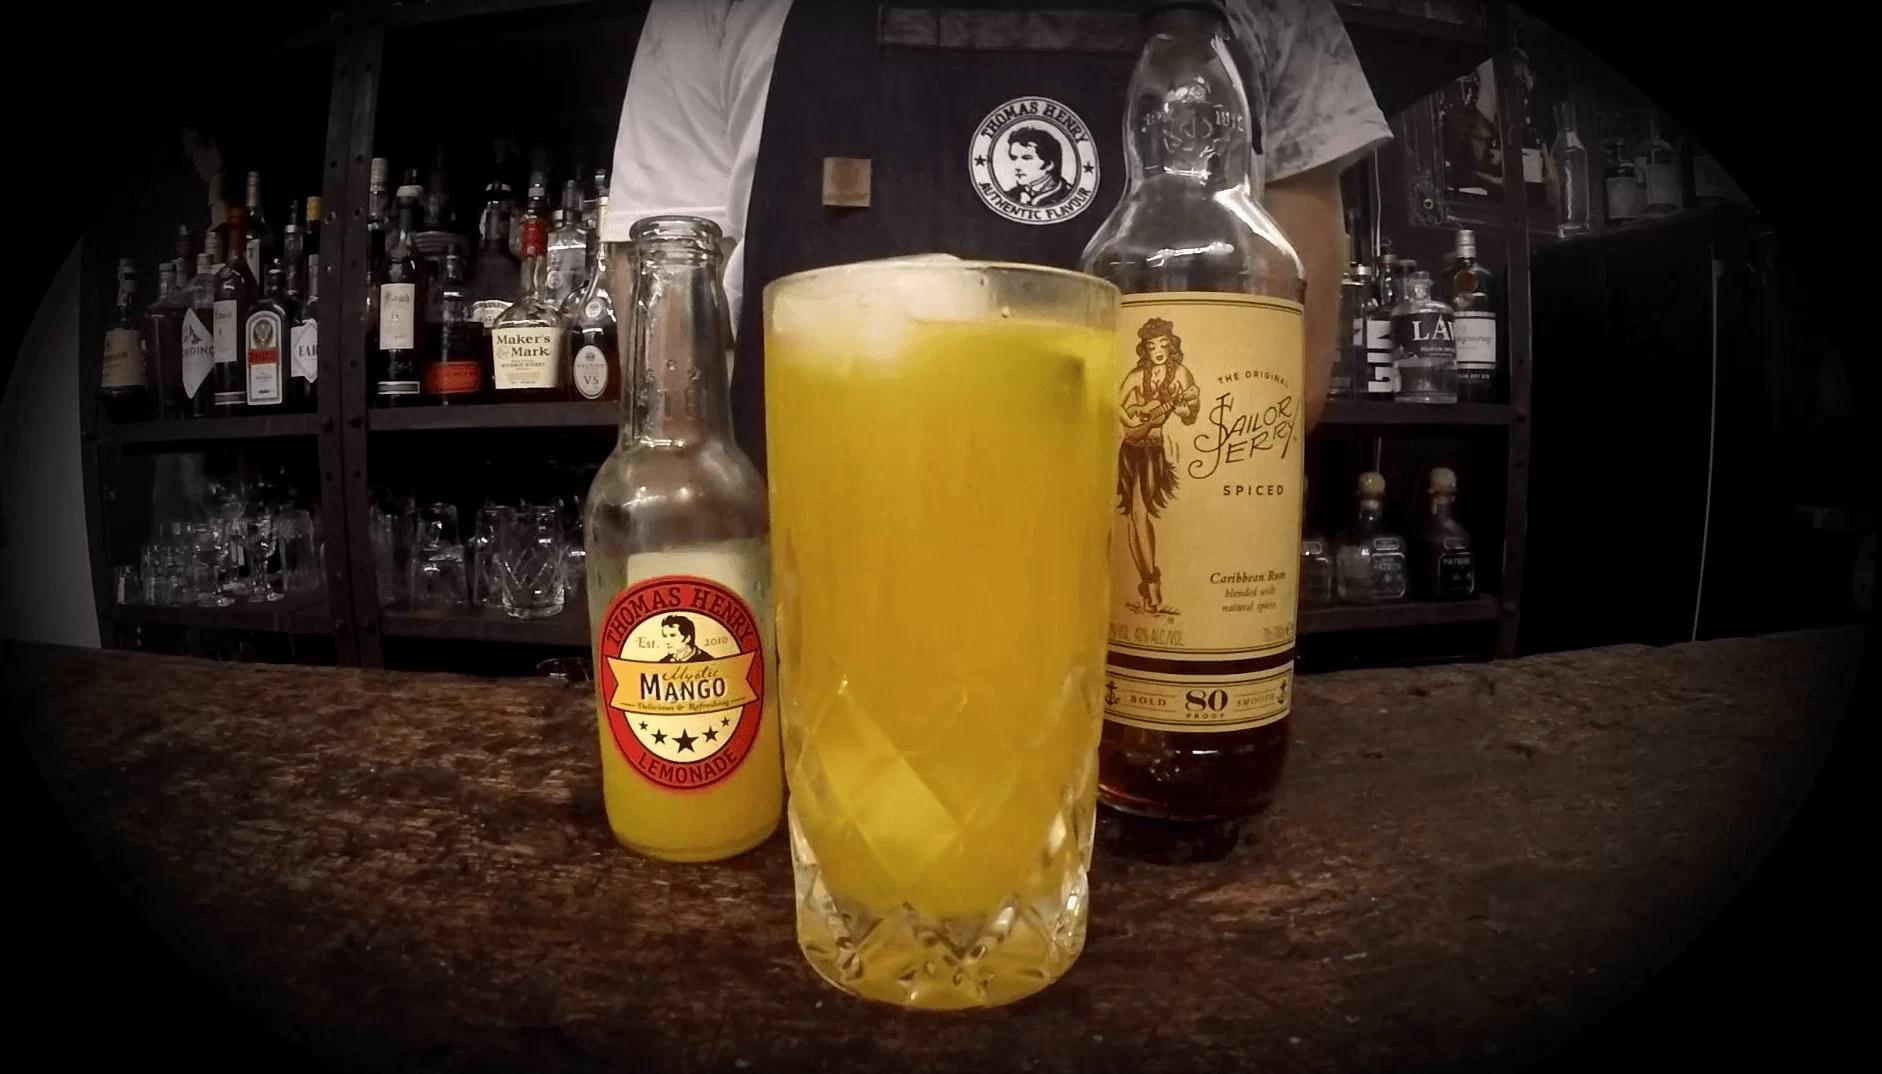 Friday Highball No. 3 - Mango Jerry